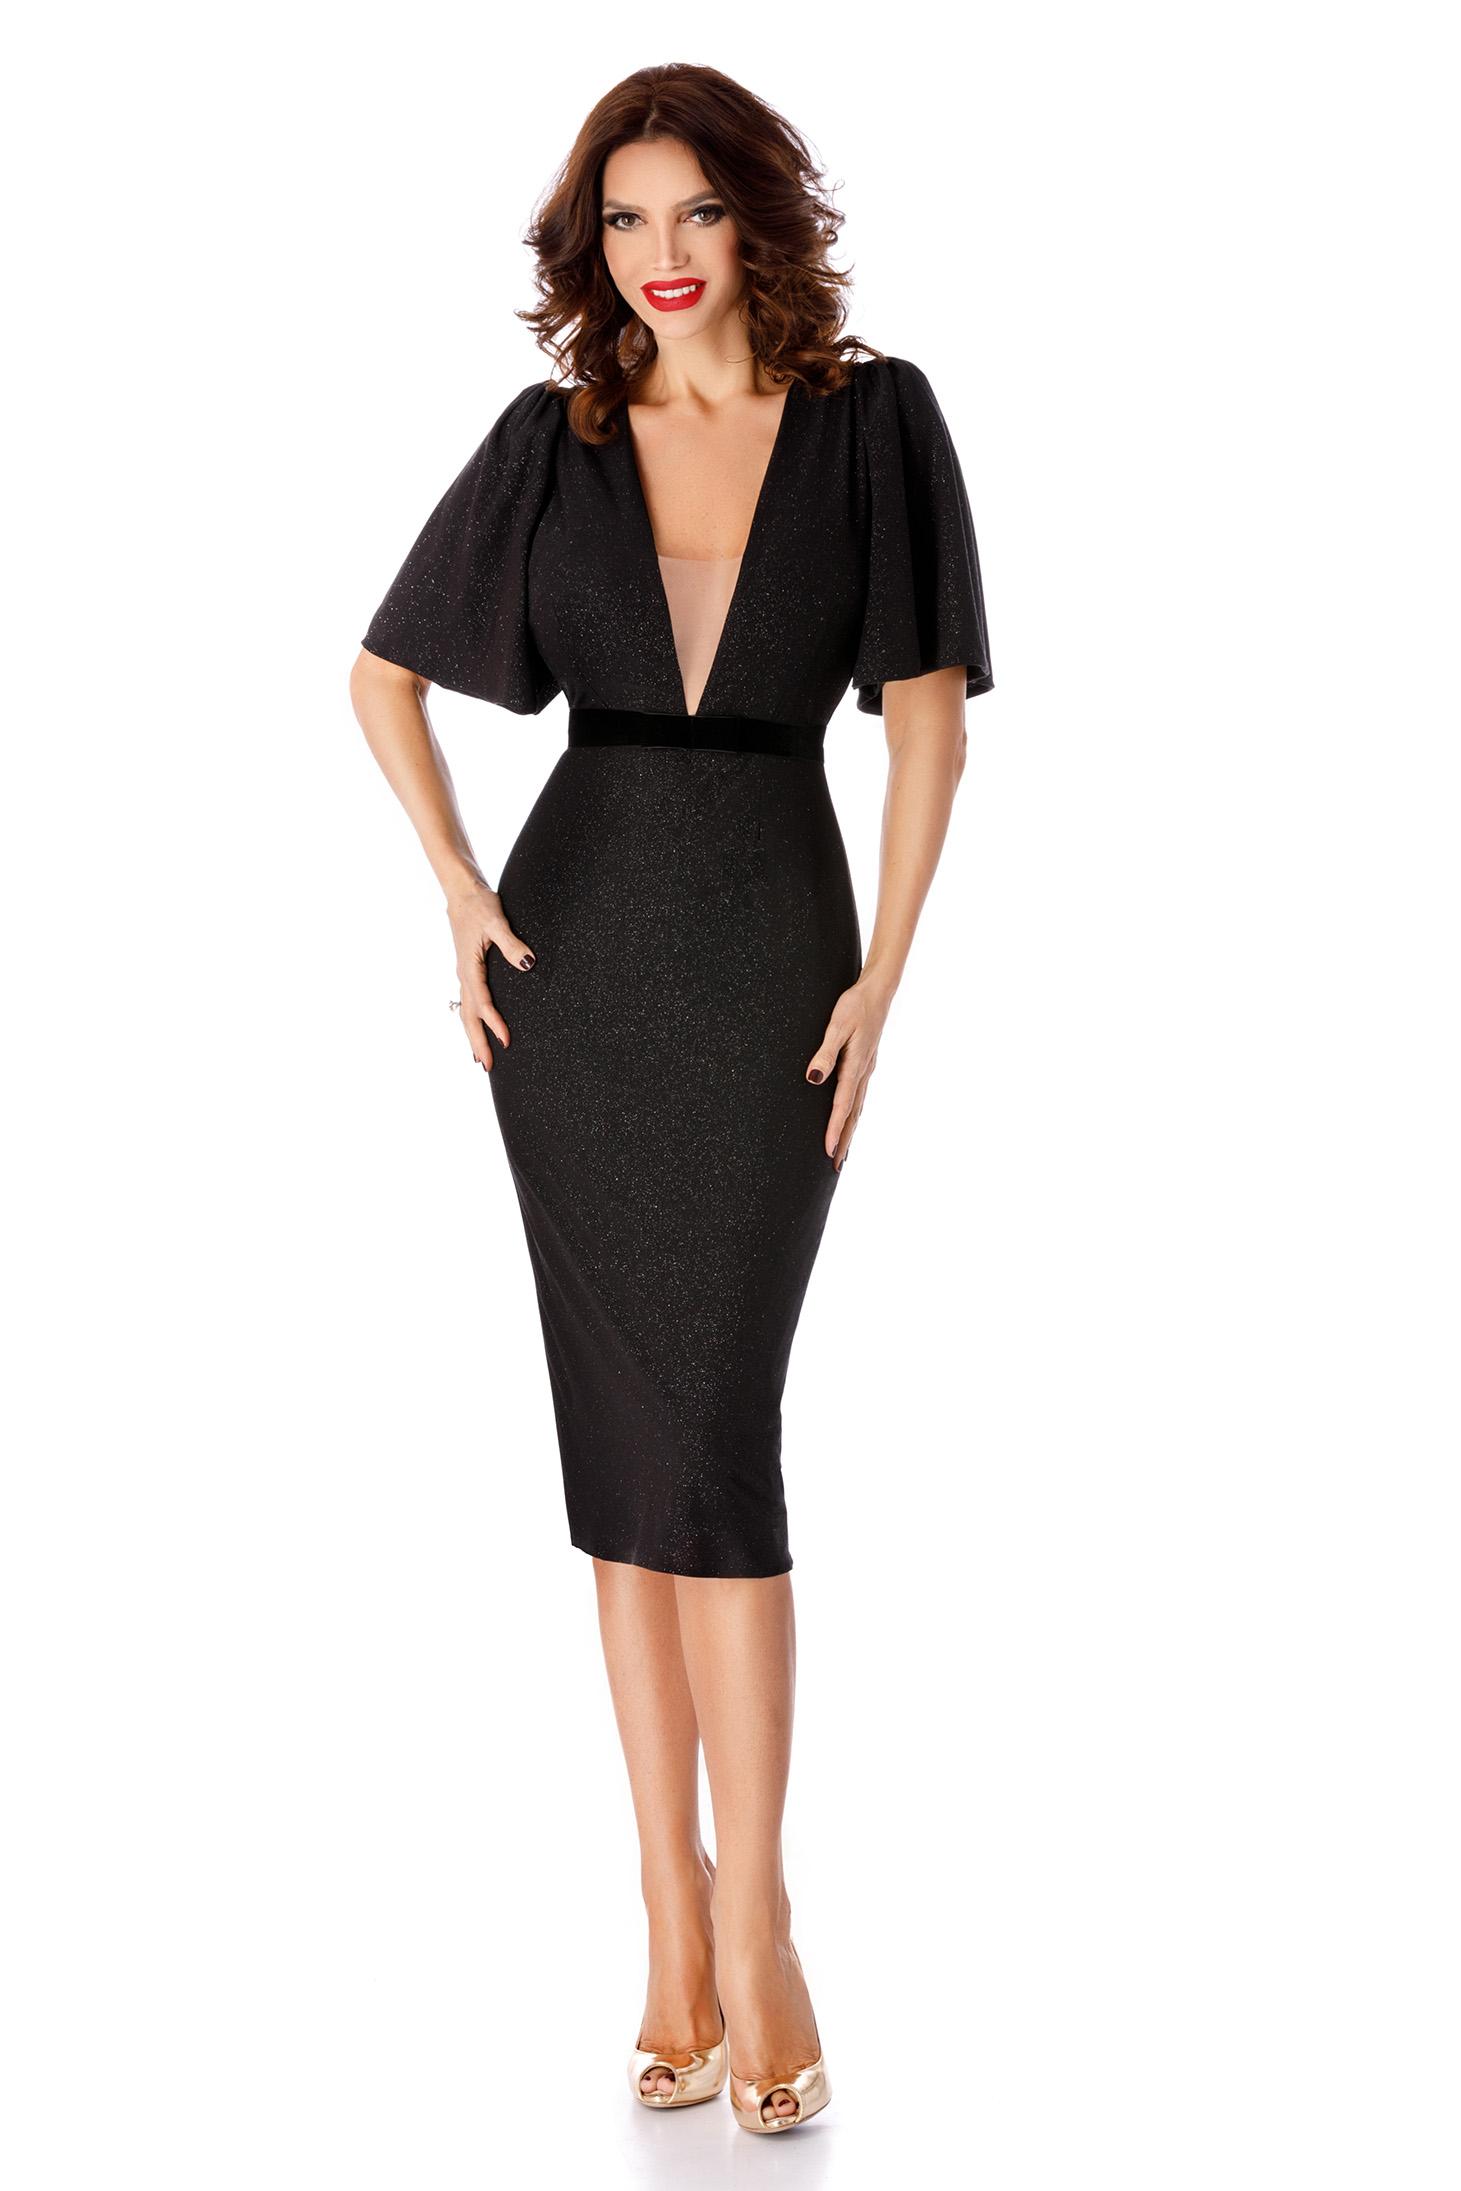 Rochie neagra eleganta midi cu un croi mulat cu decolteu din lurex cu maneca larga